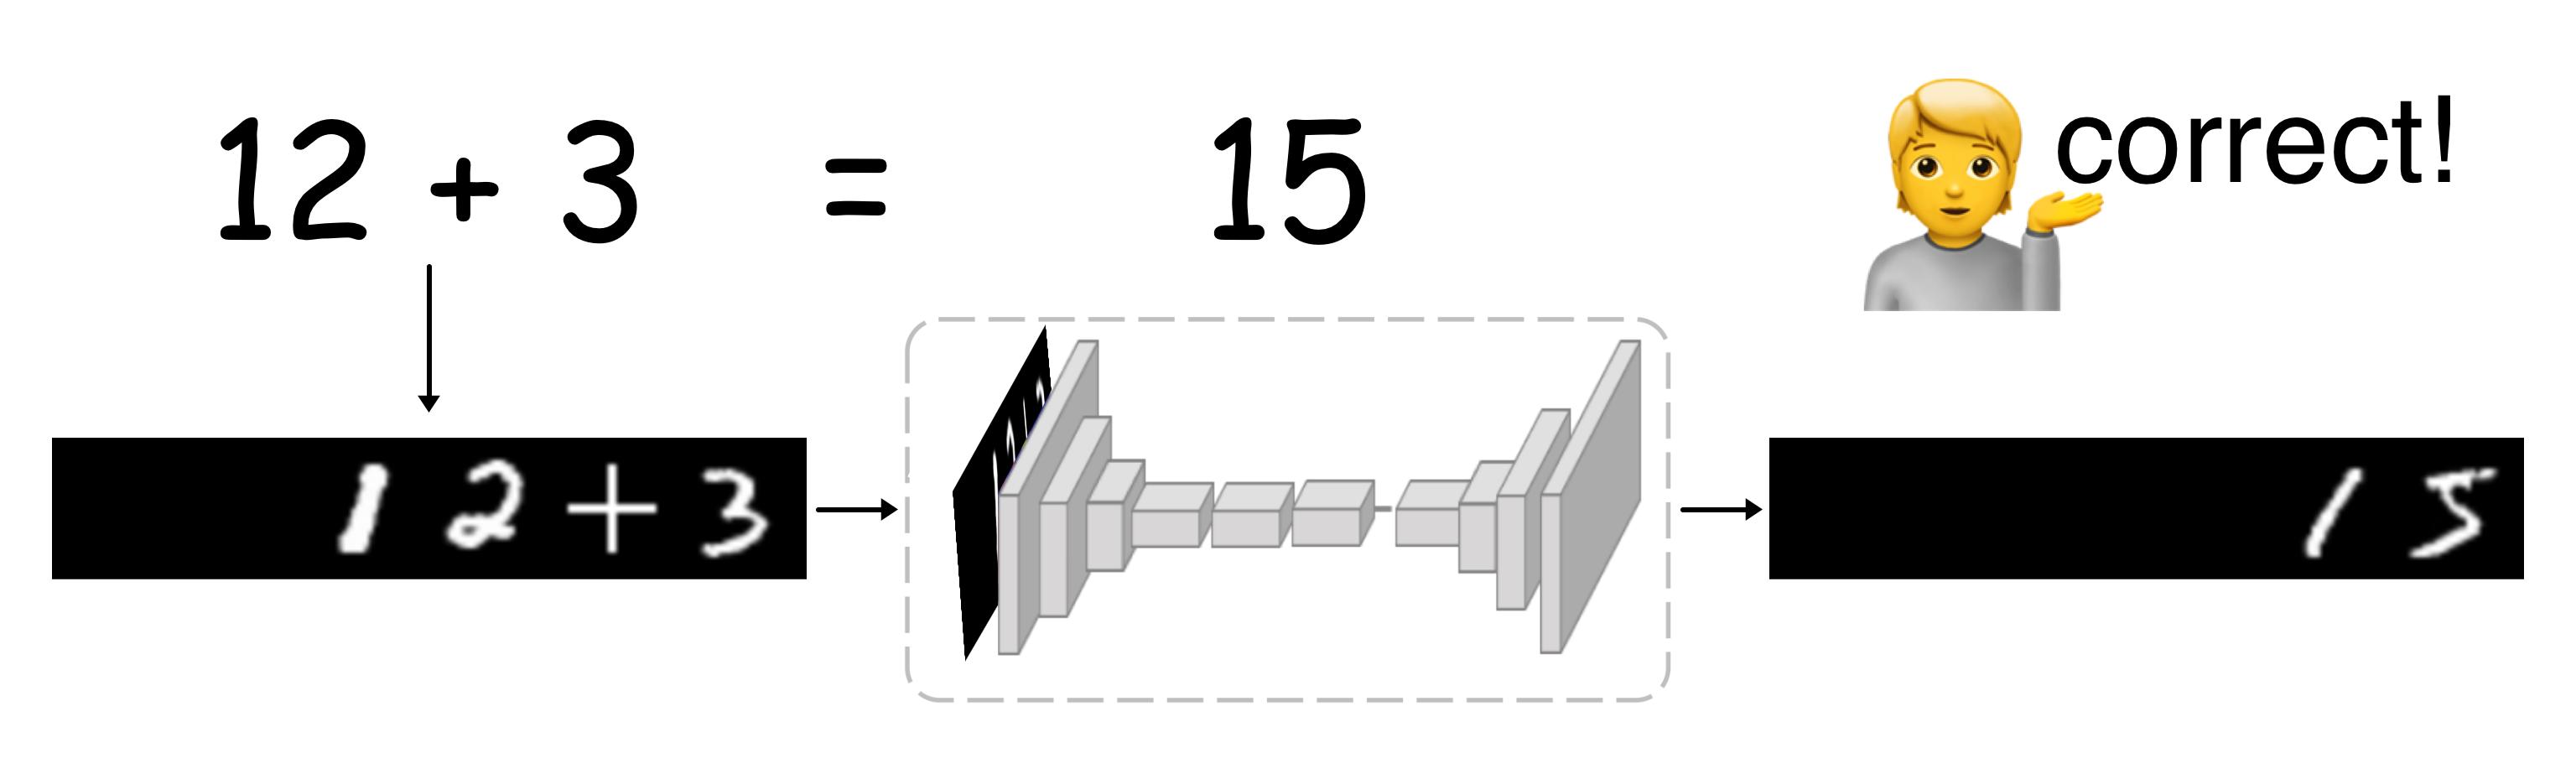 Нейросетевой калькулятор для сложения и вычитания не очень больших чисел - 1